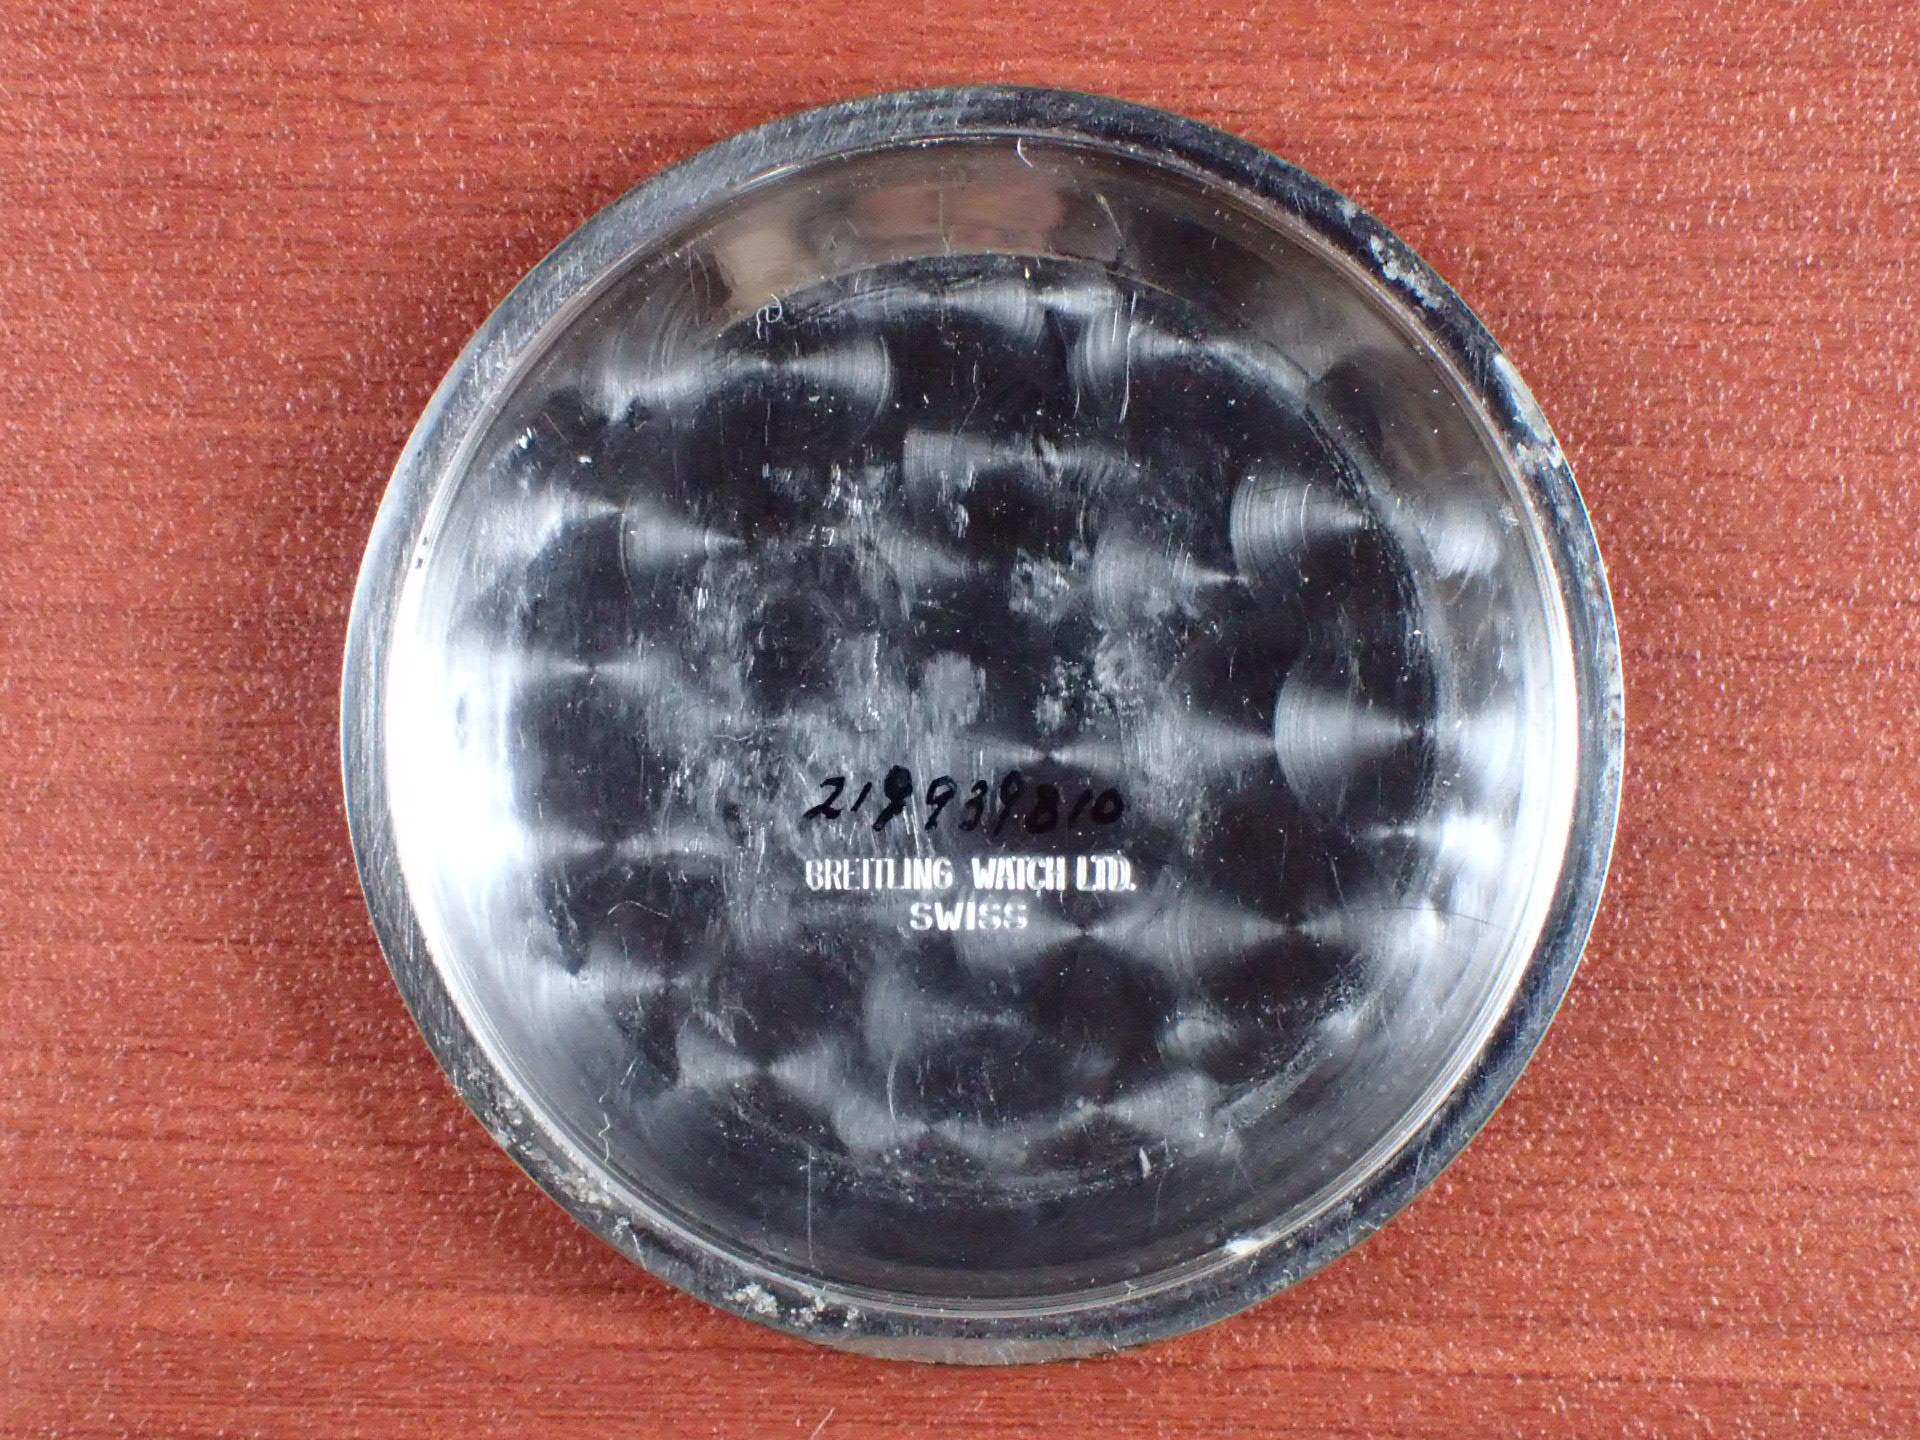 ブライトリング コスモノート Ref.809 24時間時計 1960年代の写真6枚目